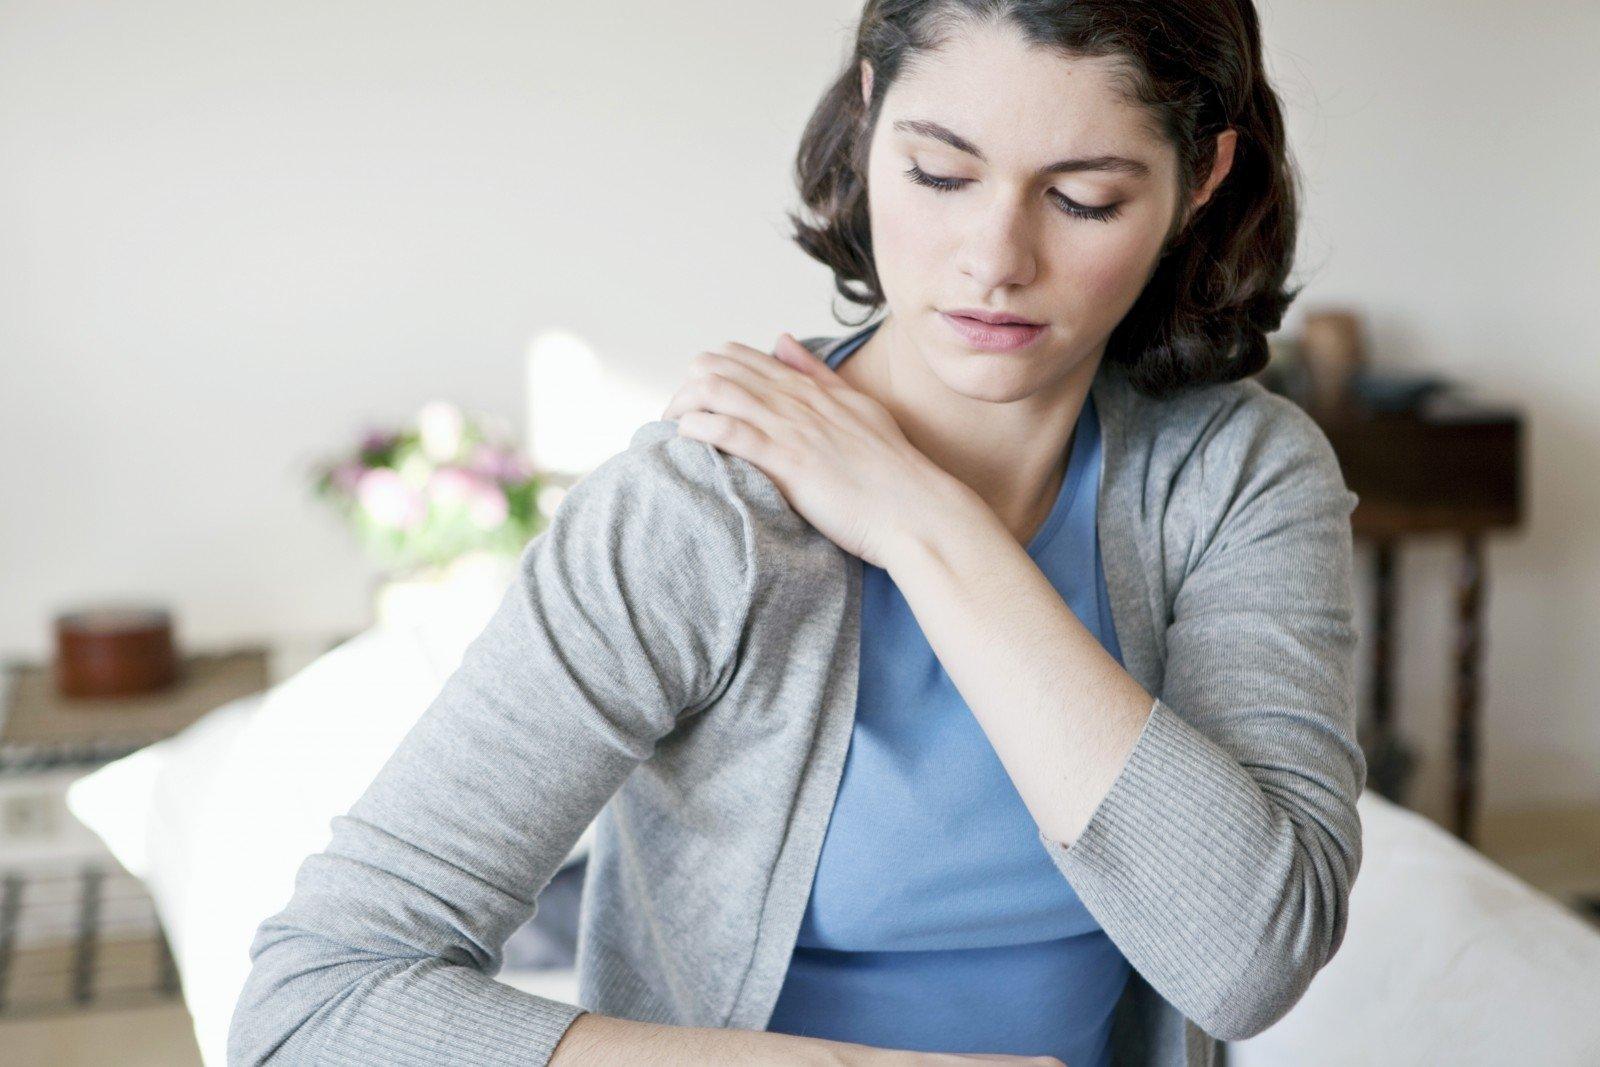 kaip pašalinti ūmų skausmą peties sąnario liaudies gynimo priemones sąnario uždegimas